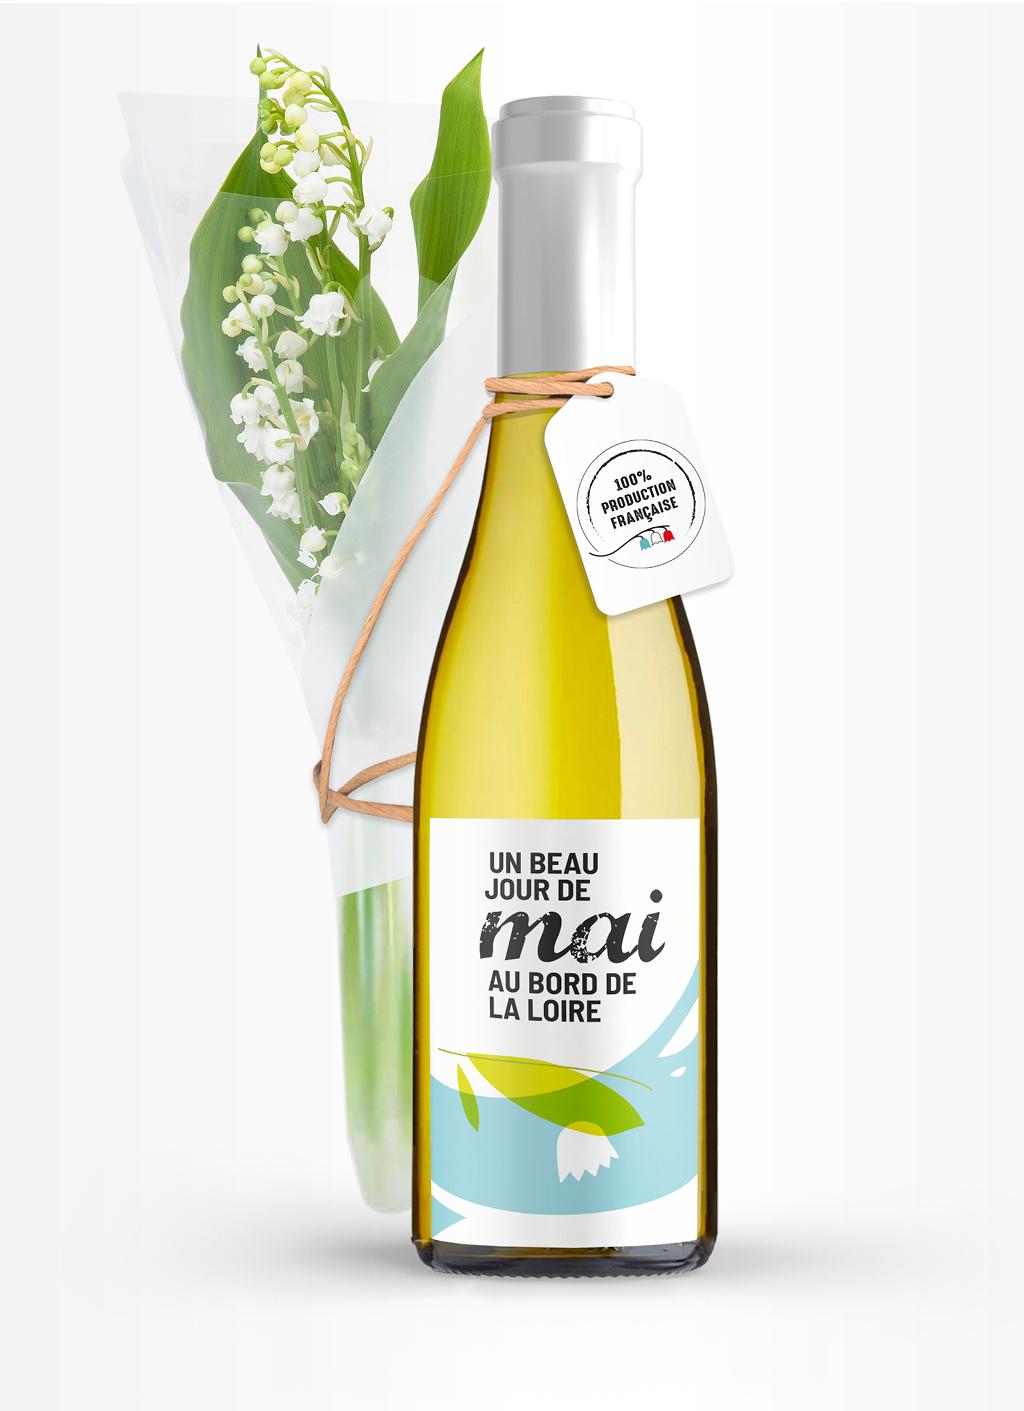 «Un beau jour de mai au bord de la Loire». Bouquet de muguet 100% production française lié par un cordon kraft à une fillette de vin blanc. L'étiquette, très épurée, représente, de manière abstraite et colorée, la Loire et un brin de muguet.